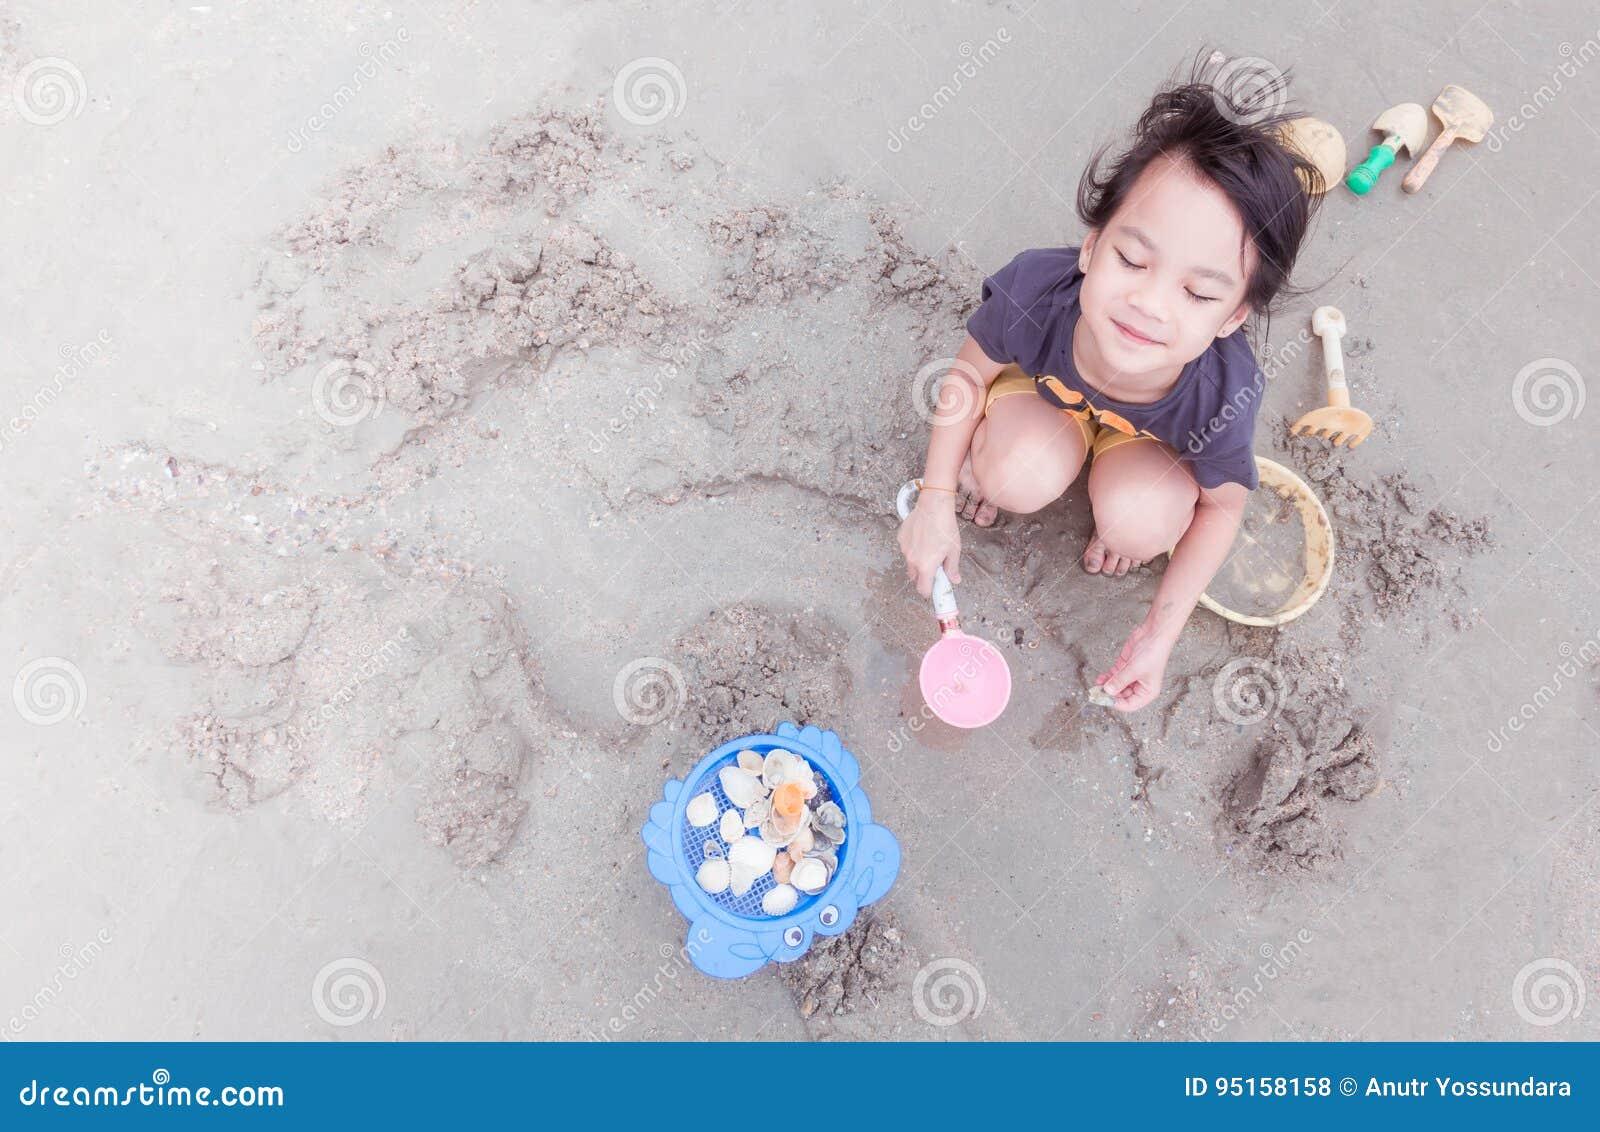 Девушка играет с игрушкой — photo 4